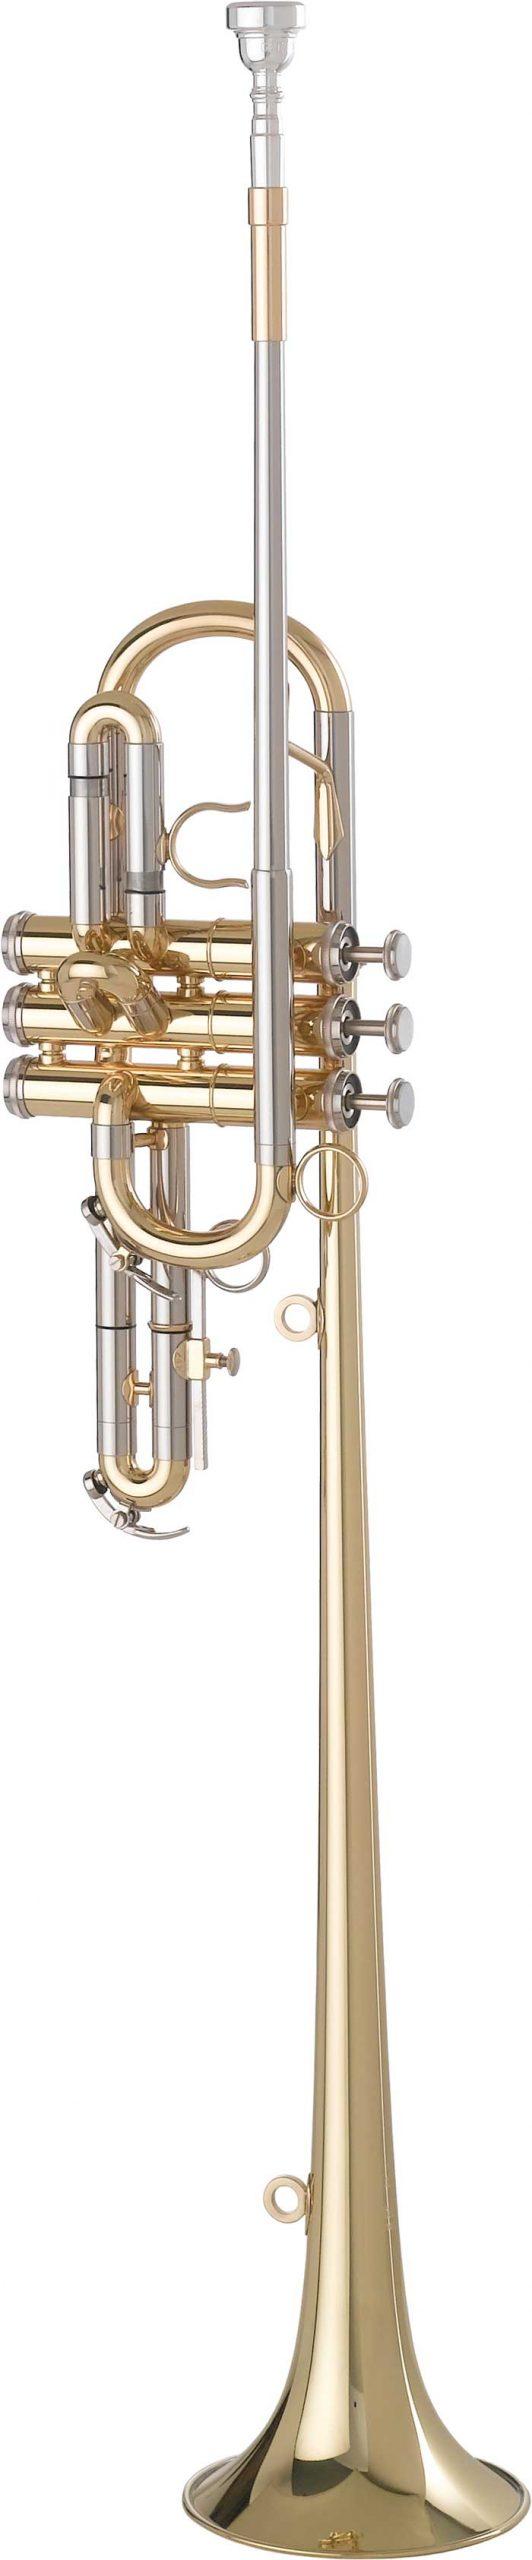 Getzen 593 Bb Herald Trumpet